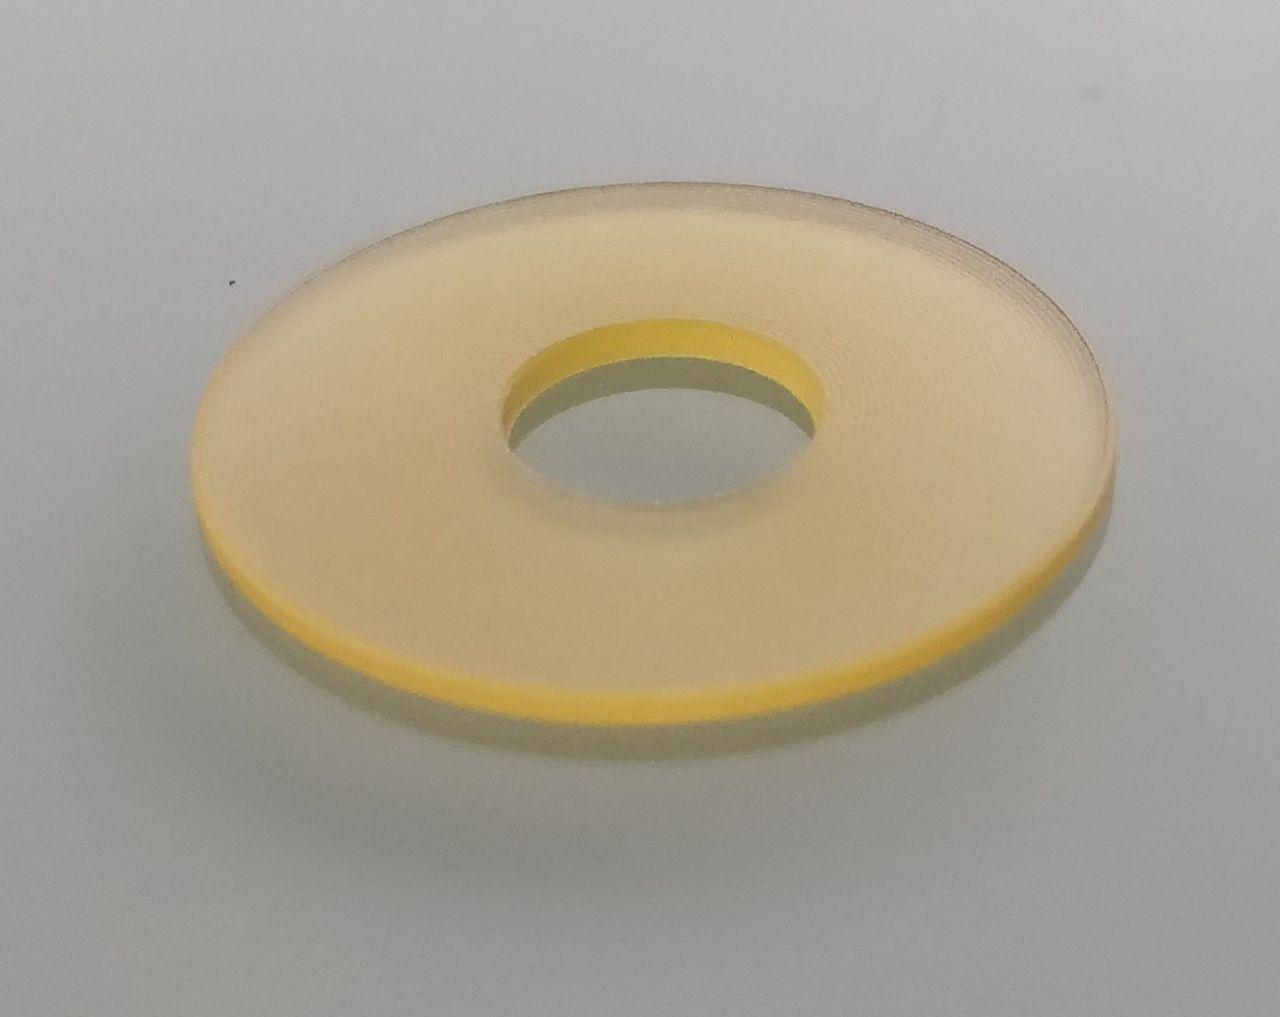 Ultem heat sink adapter 22mm